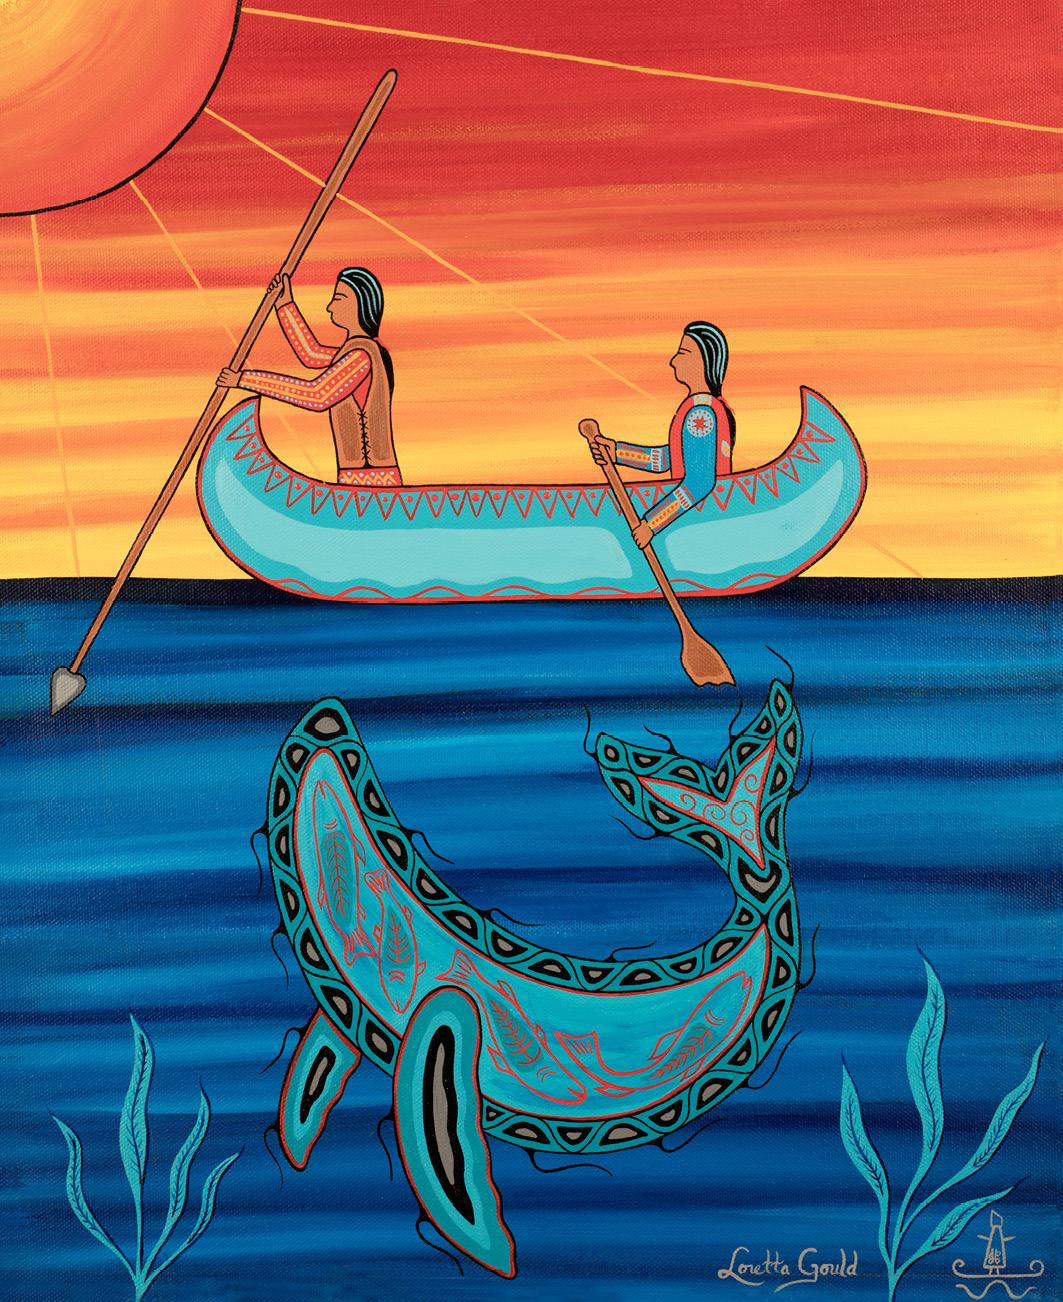 Ein Bild von Loretta Gould - Indianische Kunst aus Kanada